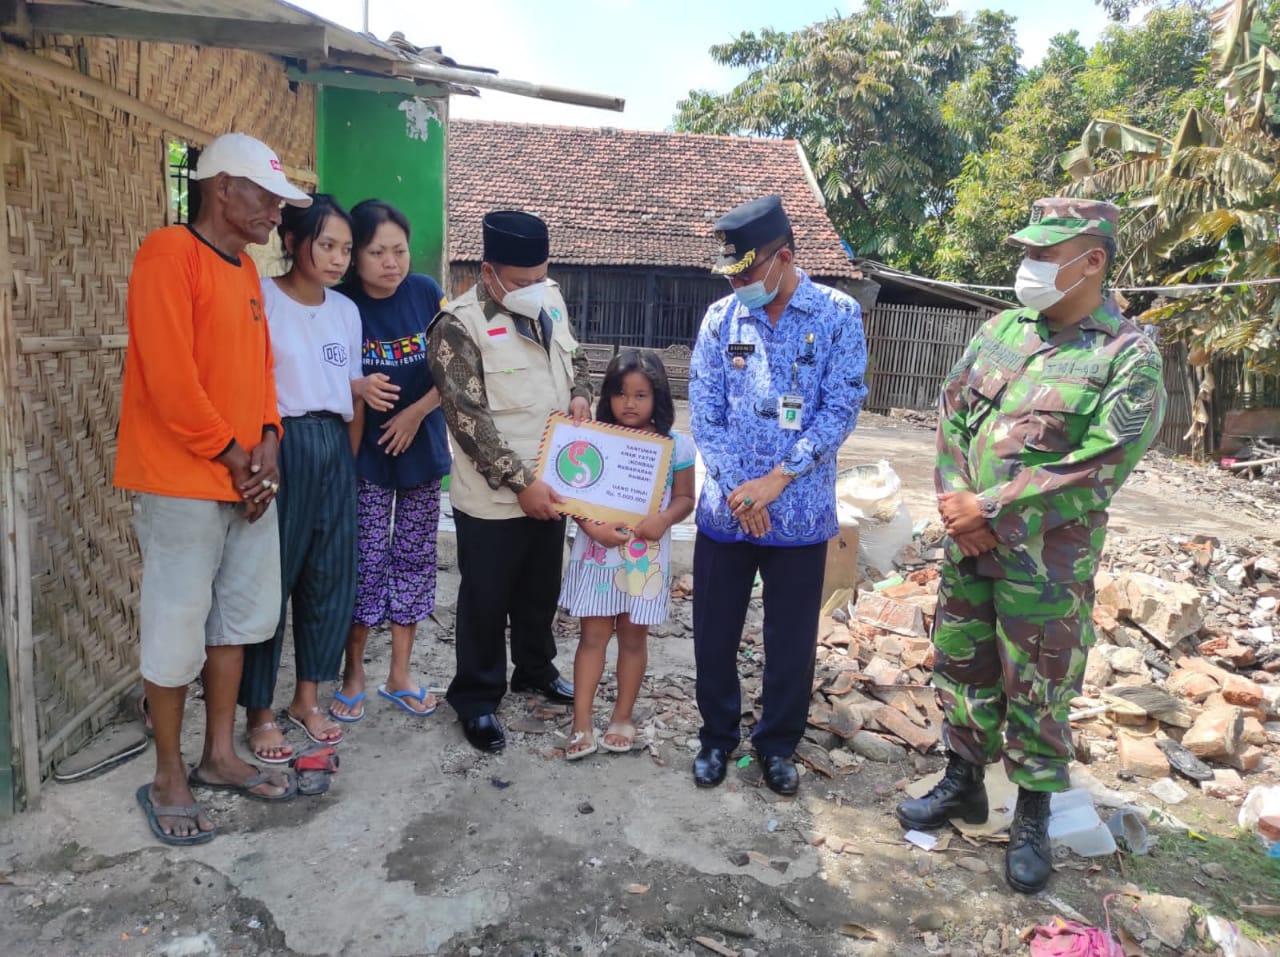 Prosesi penyerahan bantuan Yayasan Subur Makmur Sejahtera kepada korban kebakaran rumah didampingi Lurah dan Babinsa. LINGKARNEWSNETWORK/LINGKAR.CO